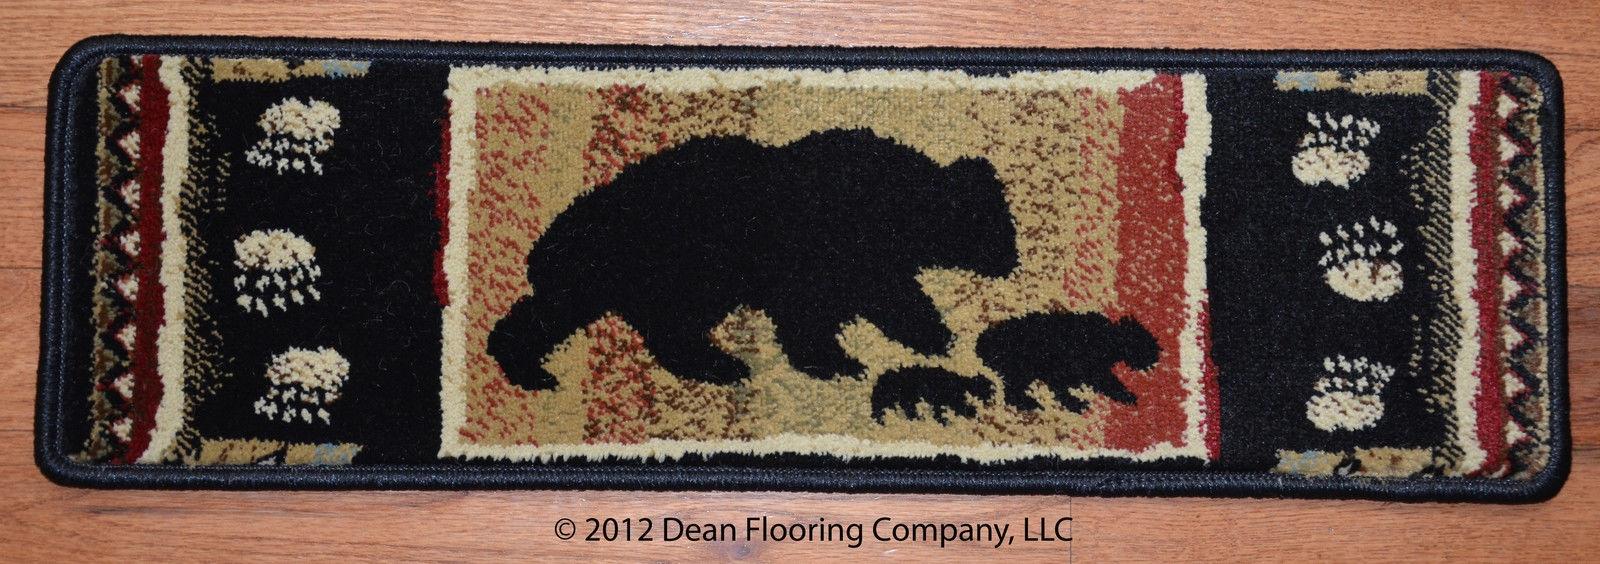 Dean Premium Carpet Stair Treads Rugs Black Bear Cabin Lodge In Premium Carpet Stair Treads (#13 of 20)